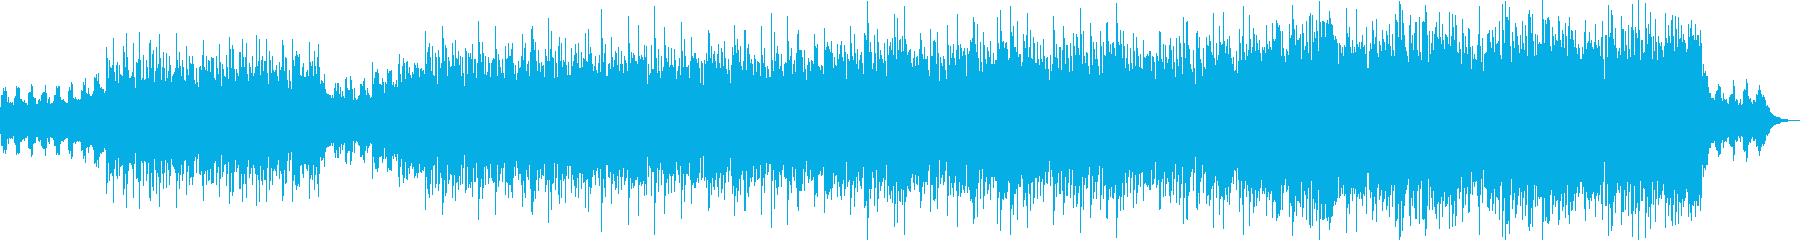 シネマティック センチメンタル 技...の再生済みの波形